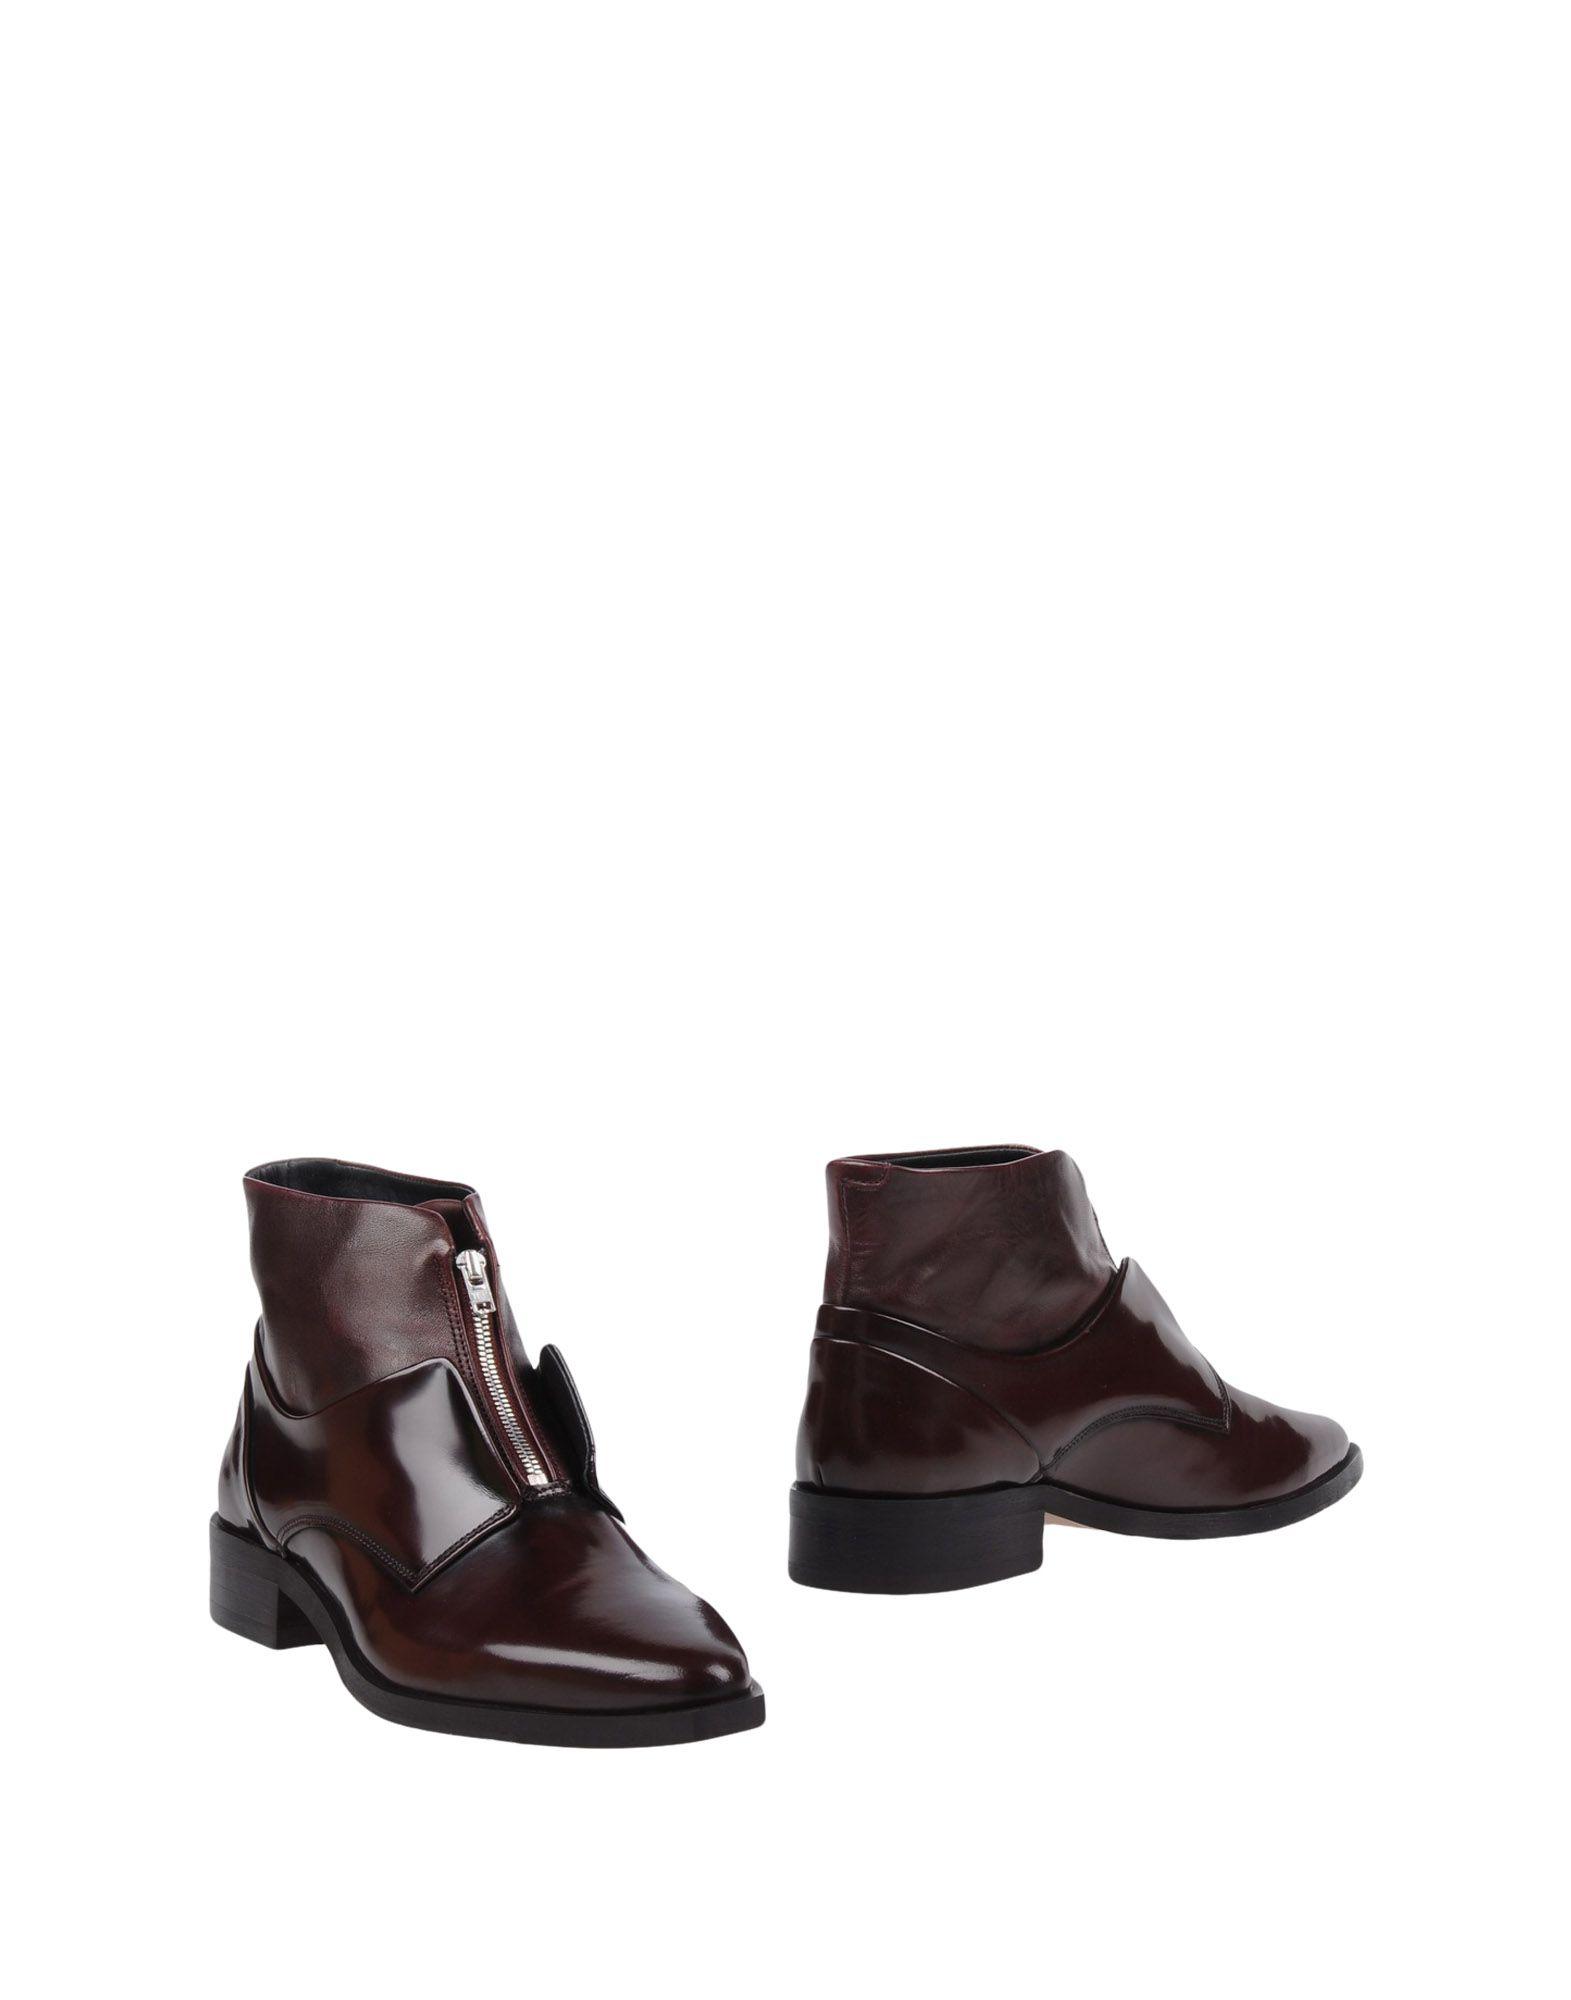 Royal Republiq Ankle Republiq Boot - Women Royal Republiq Ankle Ankle Boots online on  Australia - 11460814QN f0a166